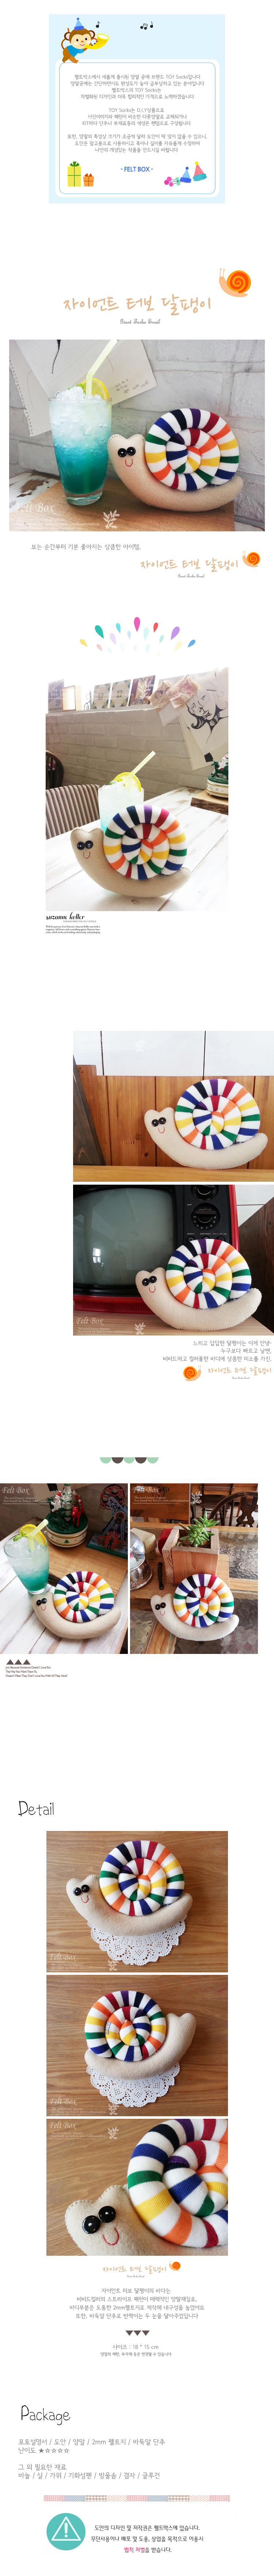 반제품 DIY kit- 자이언트터보달팽이 - 펠트박스, 8,900원, 퀼트/원단공예, 인형 패키지